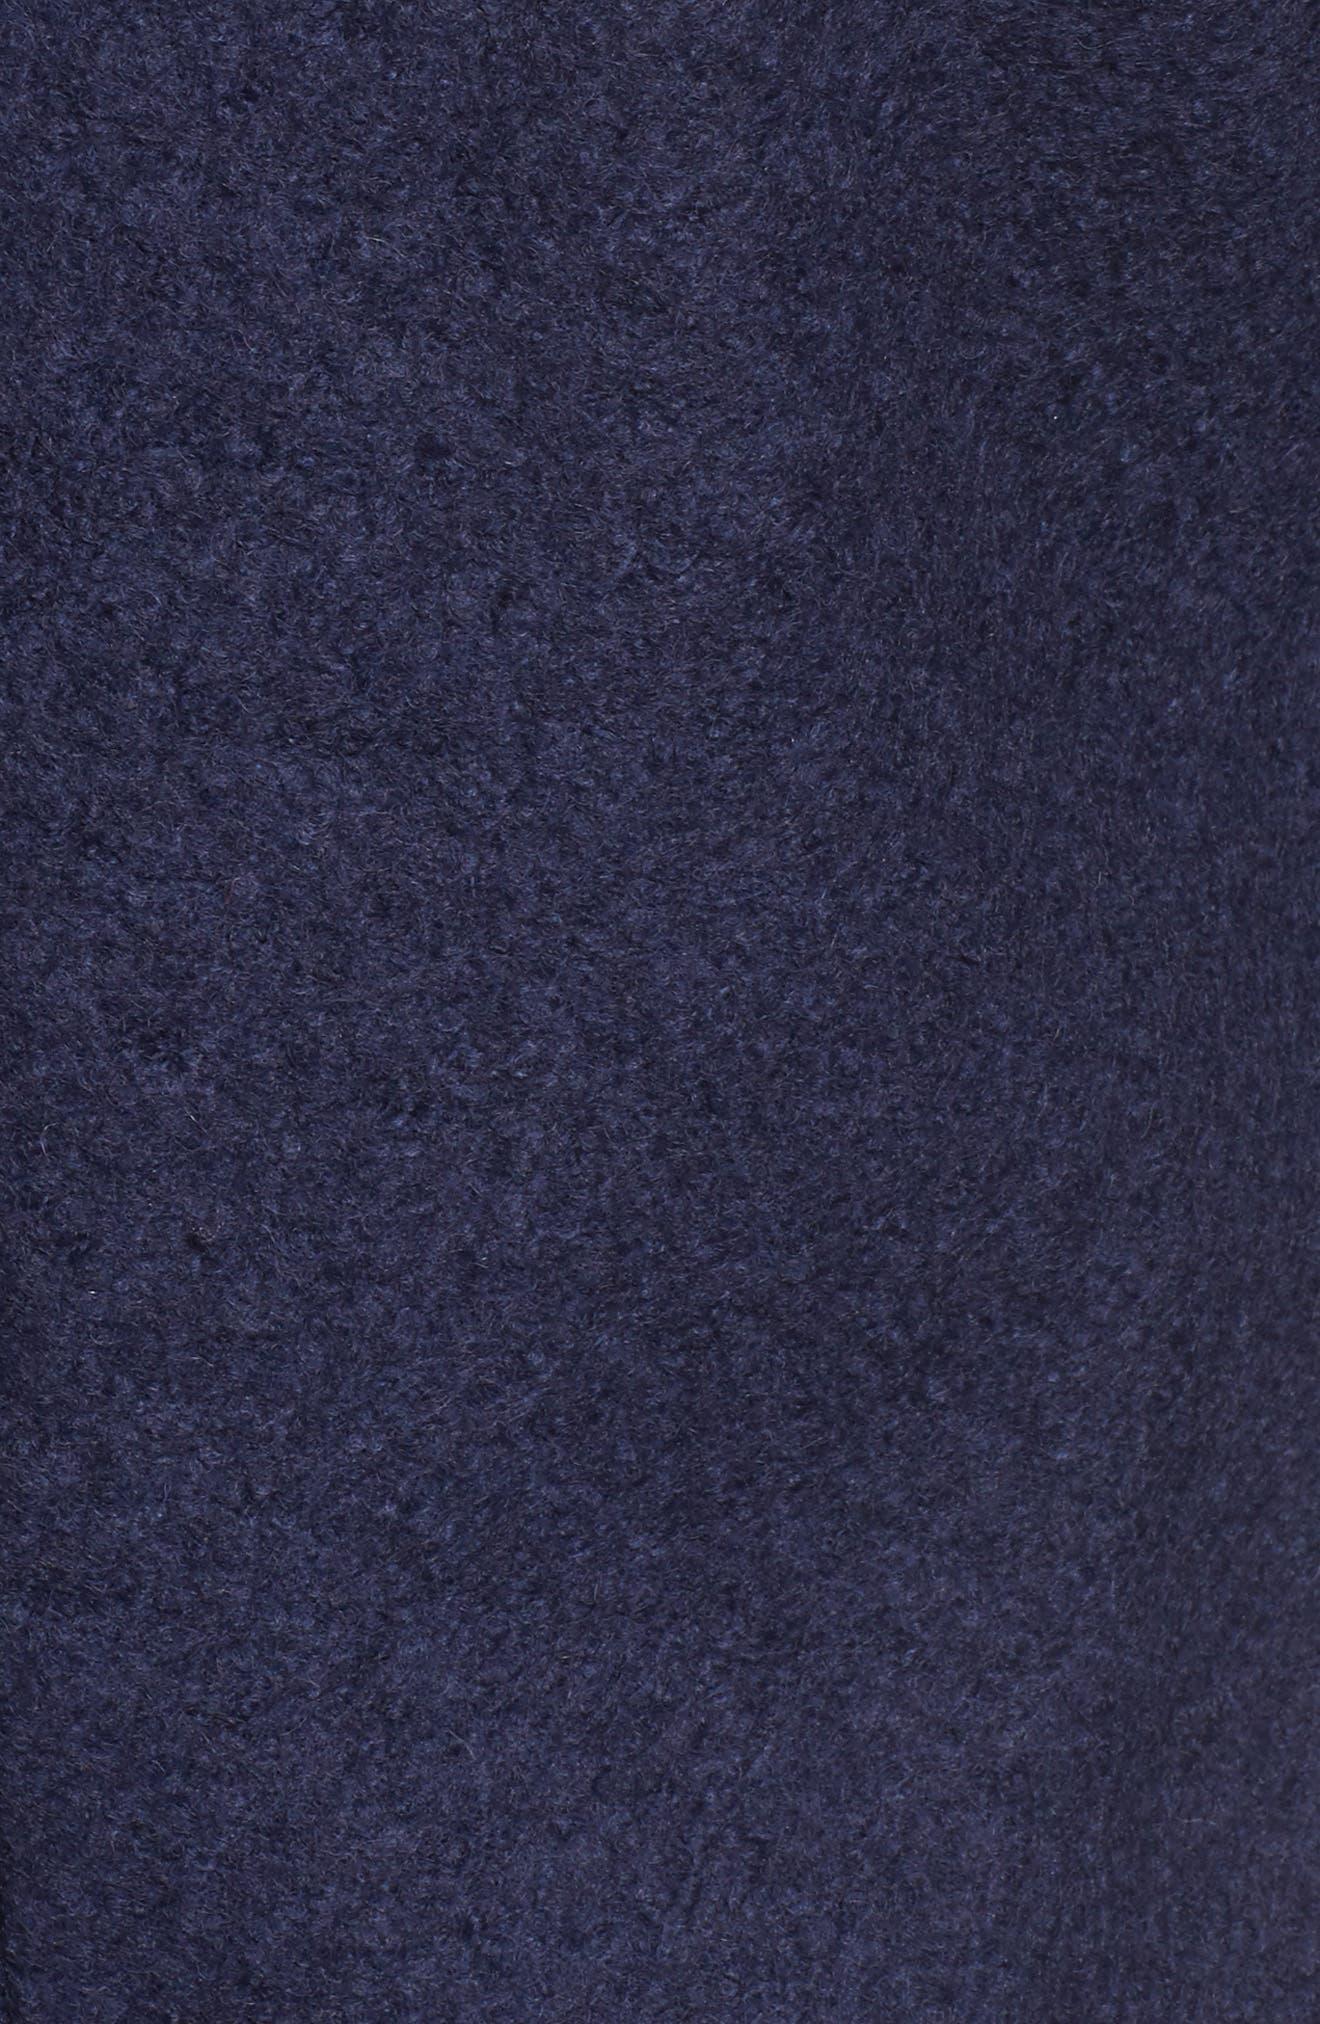 Pressed Bouclé Coat,                             Alternate thumbnail 6, color,                             513